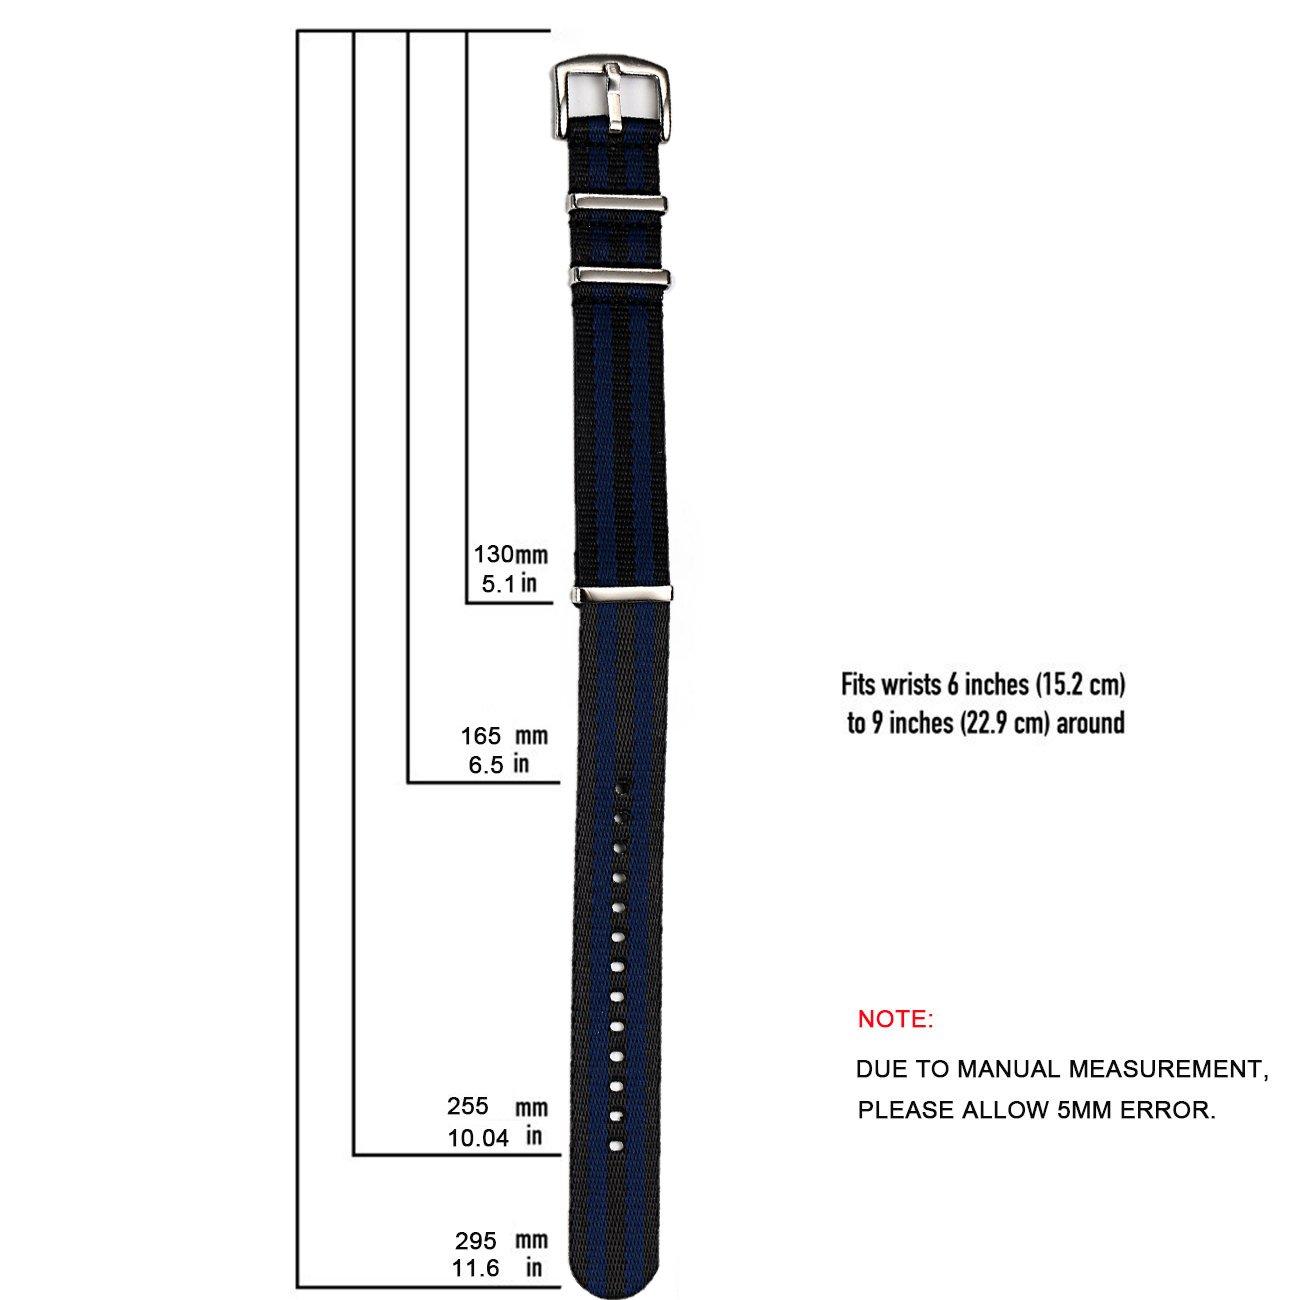 PBCODE Hombre Correa de Reloj 22mm Cinturón de seguridad Correas Nato de Nylon Correa azul para pulsera de Hebilla resistente pulida: Amazon.es: Relojes